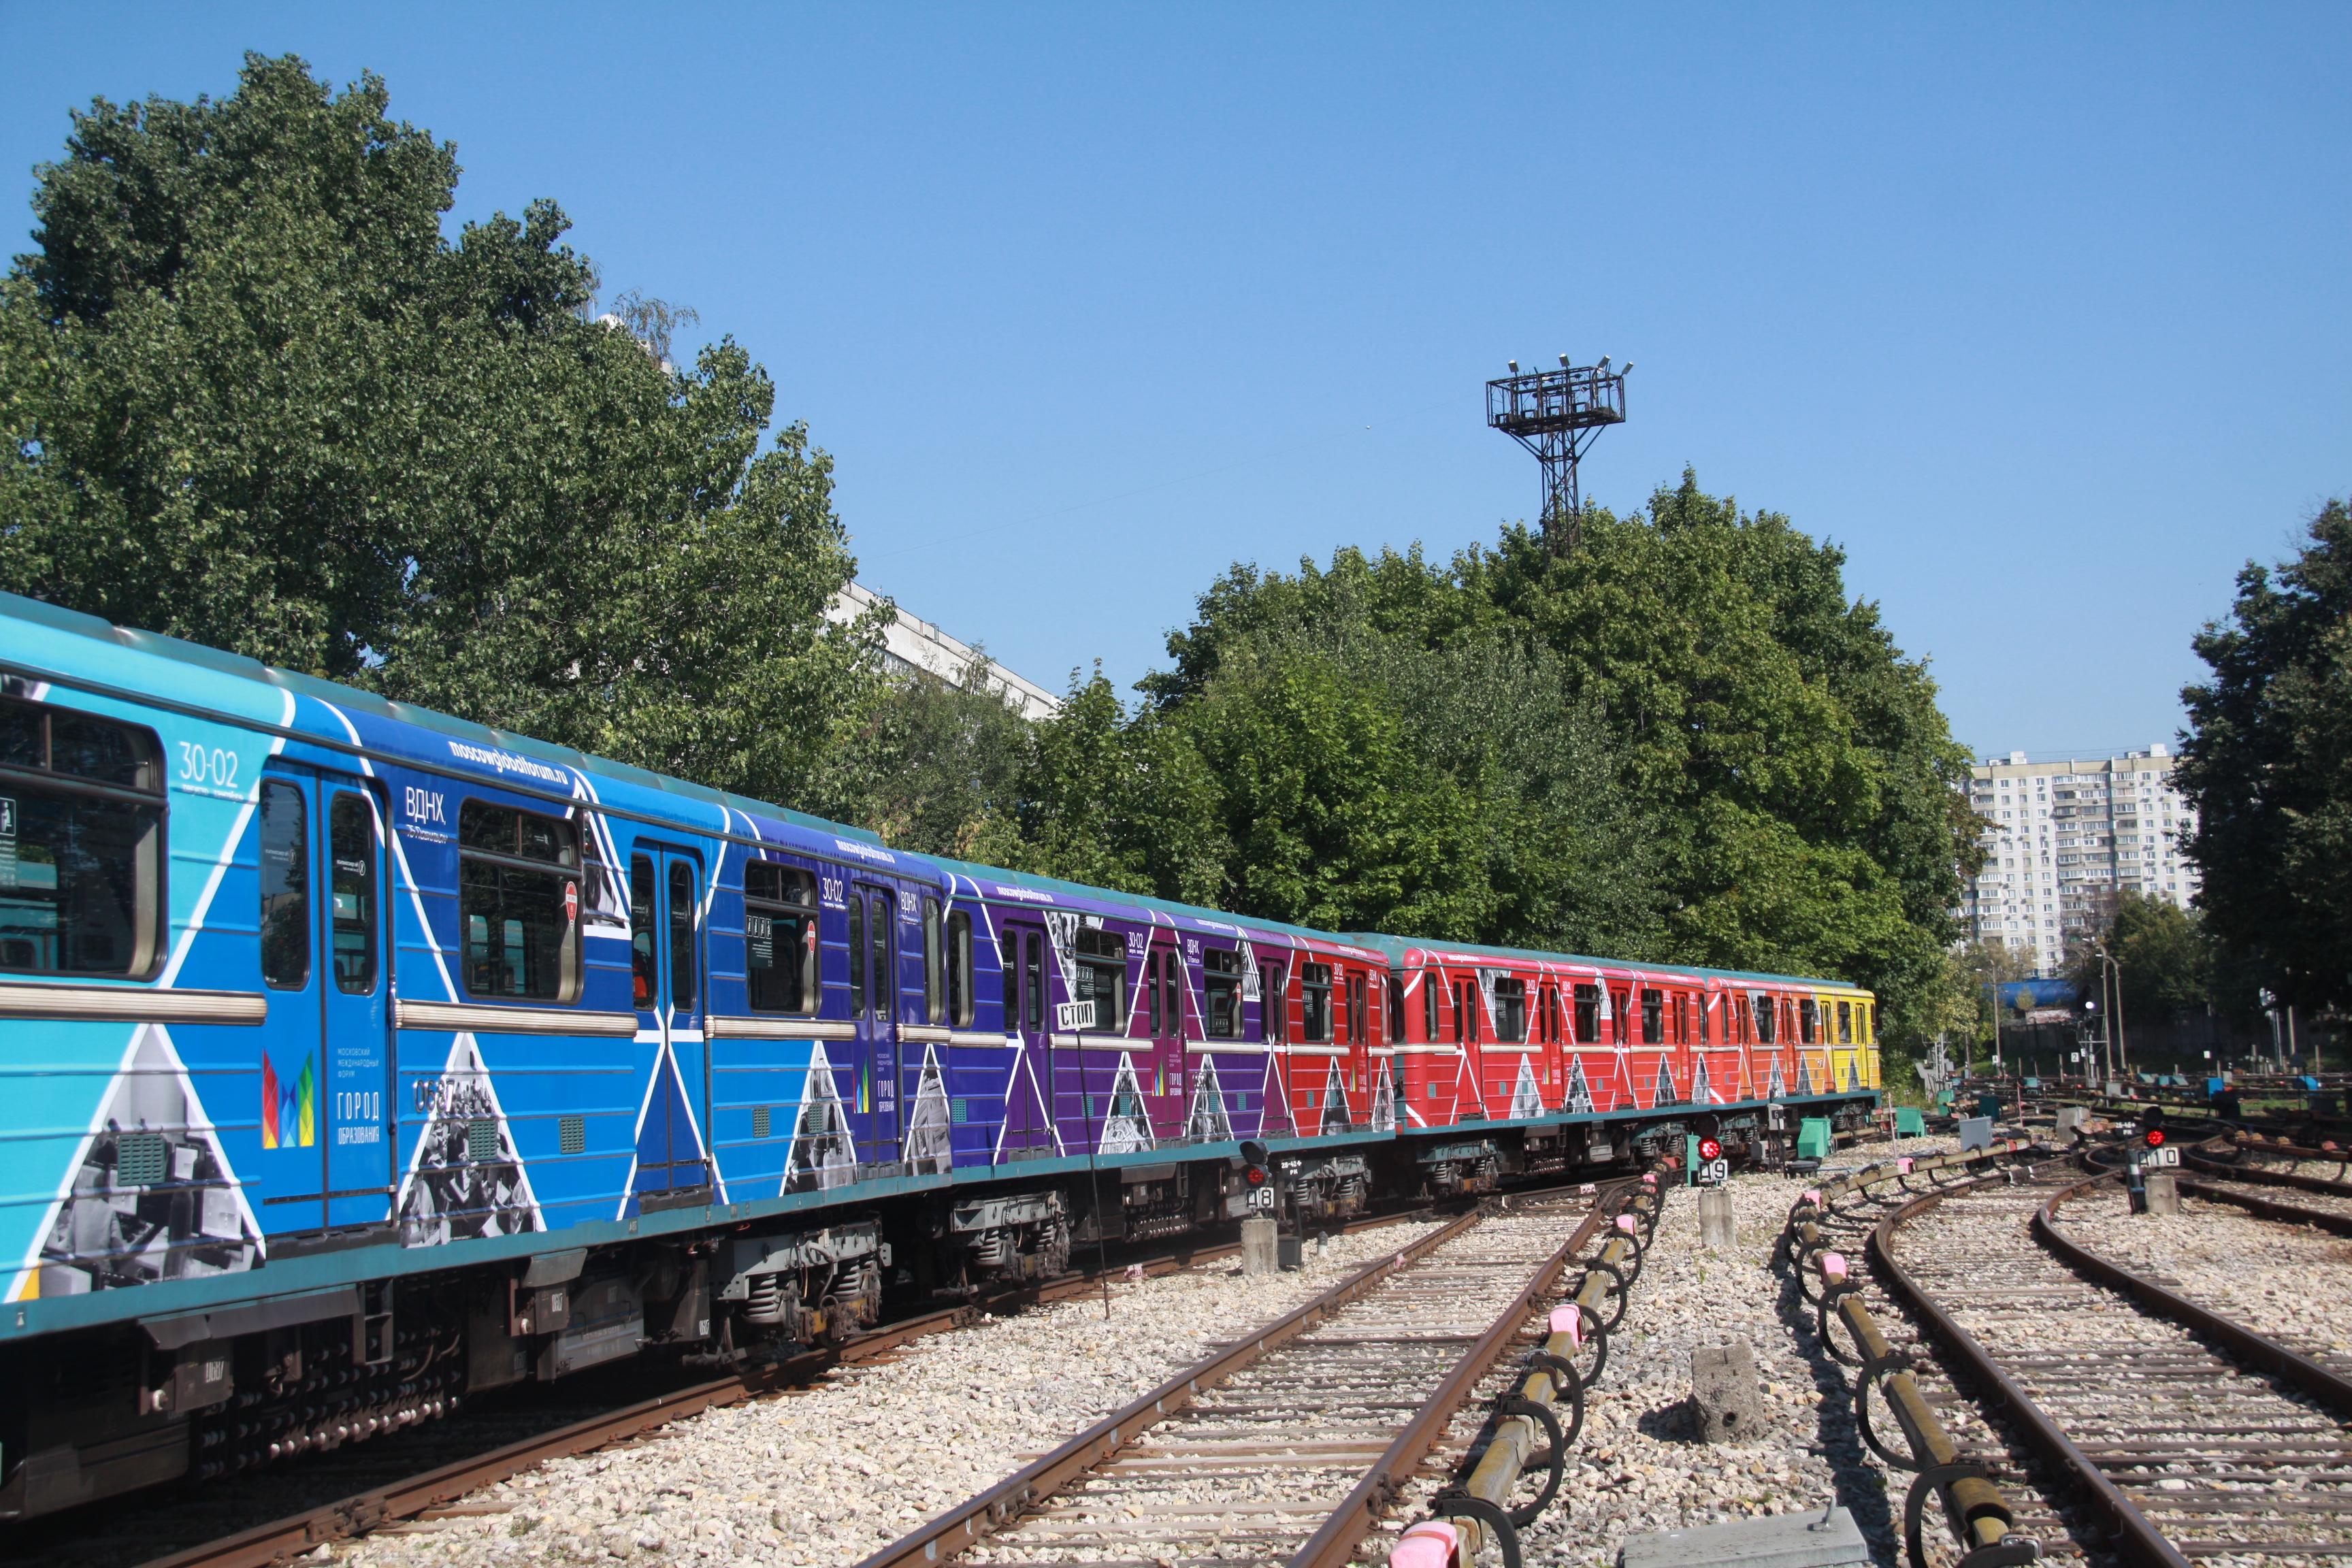 Тематический поезд «Город образования» запустили в метро. Фото: Павел Волков